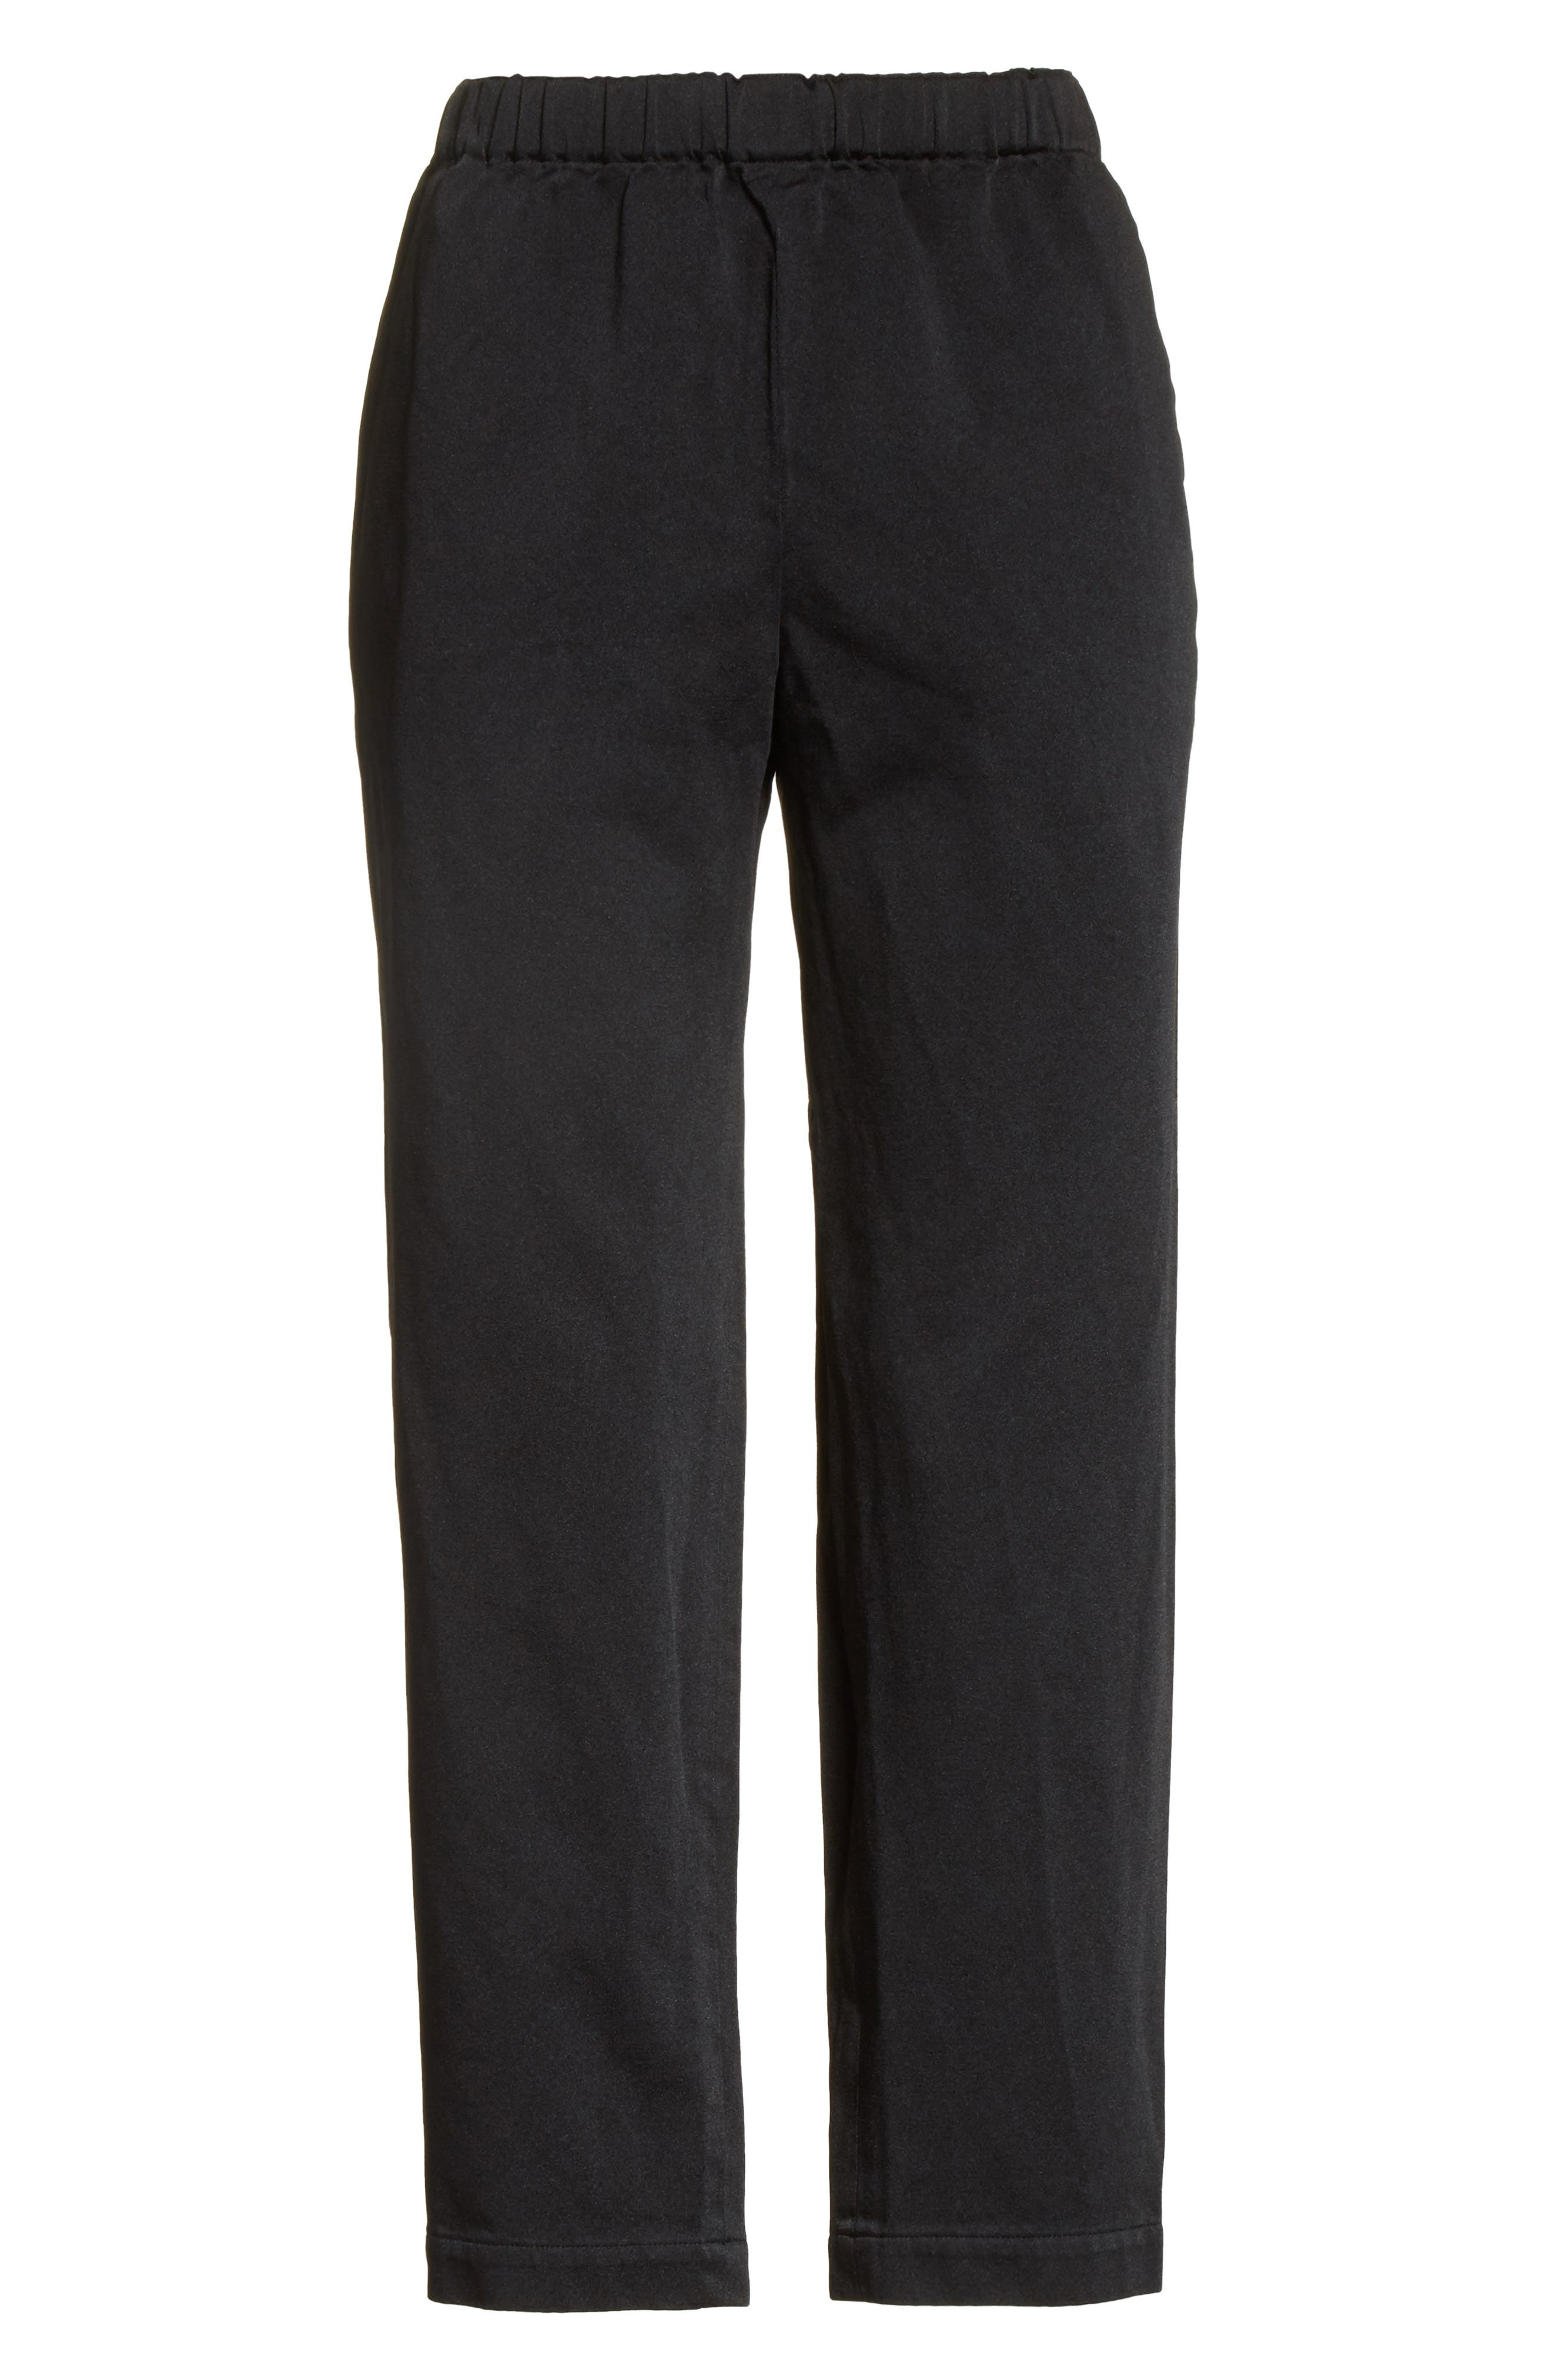 Satin Drawstring Pants,                             Alternate thumbnail 6, color,                             Black